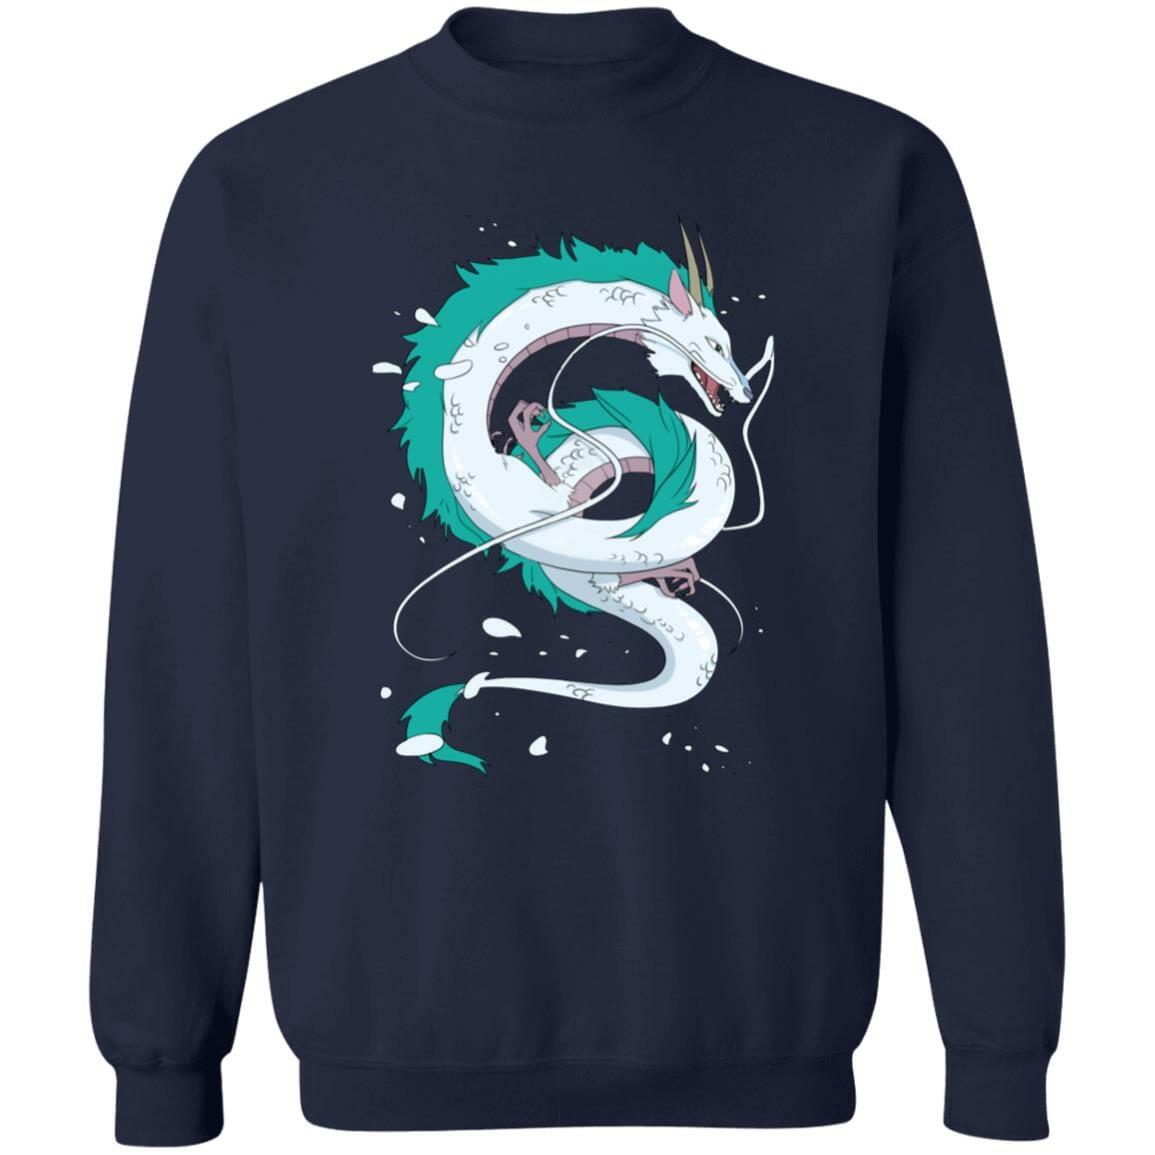 Haku Dragon Sweatshirt